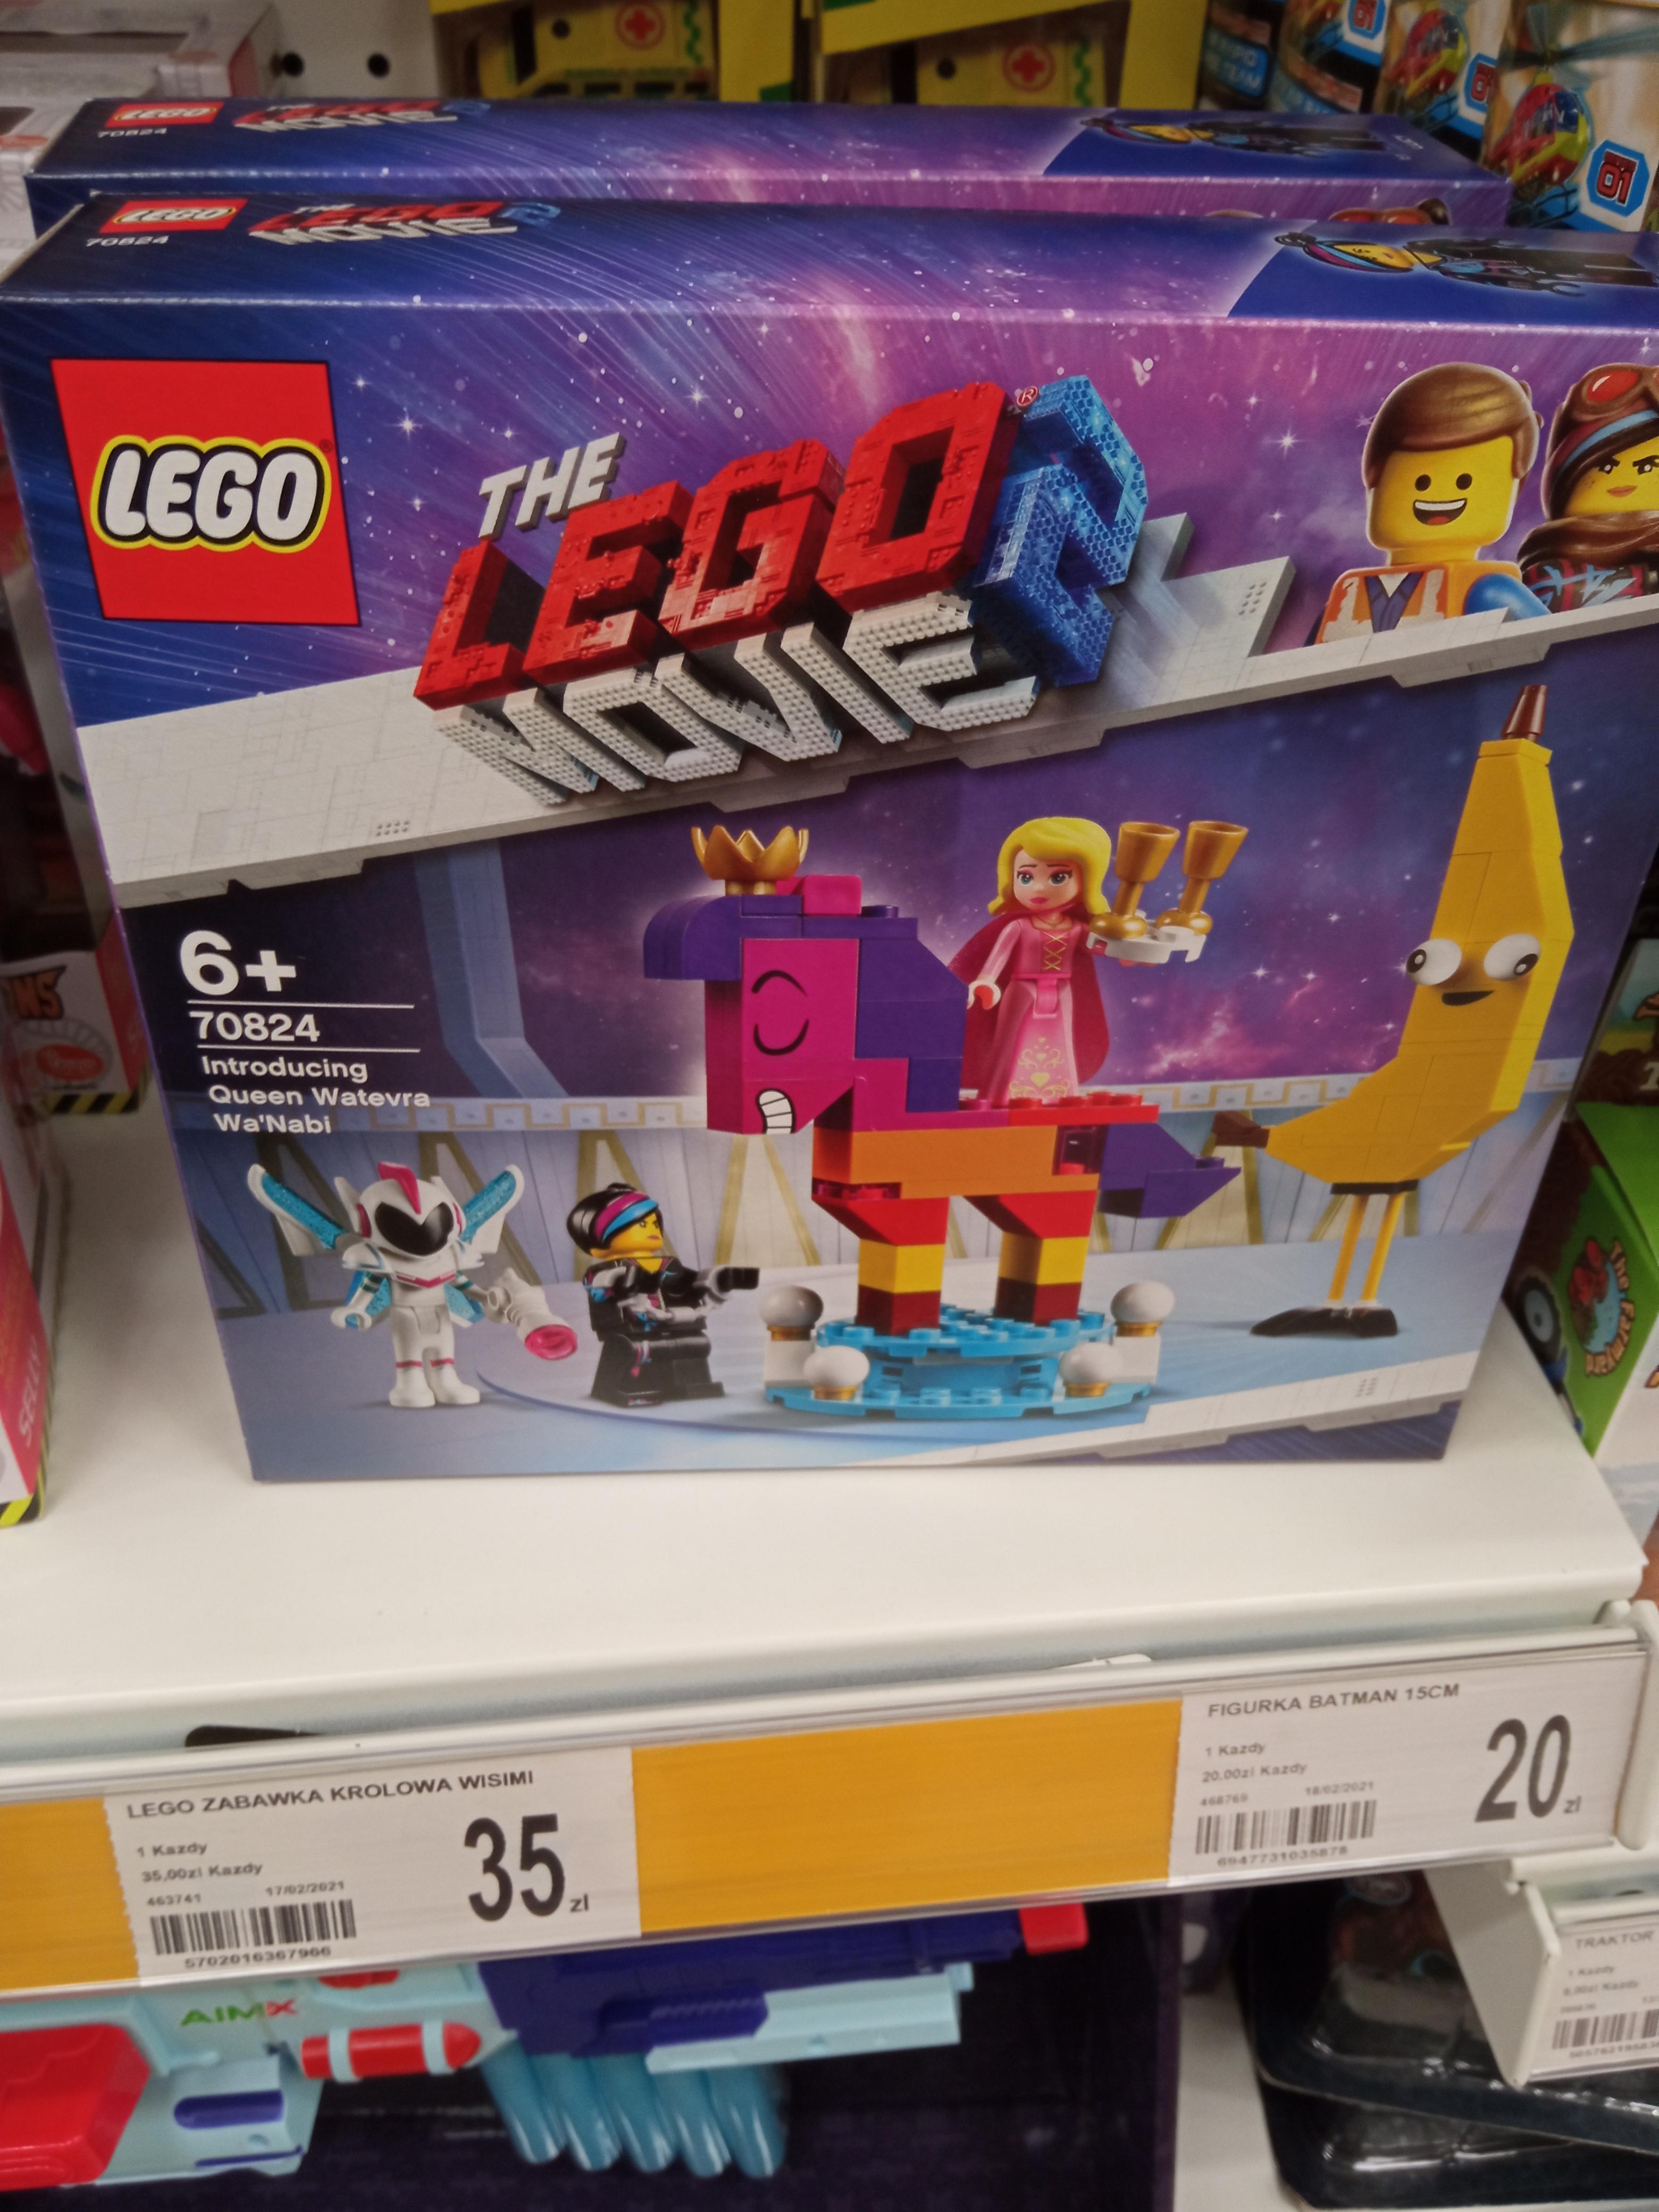 Lego Movie 2 - Królowa Wisimi I'Powiewa 70824 (Dealz, Szczecin, Mieszka 1)